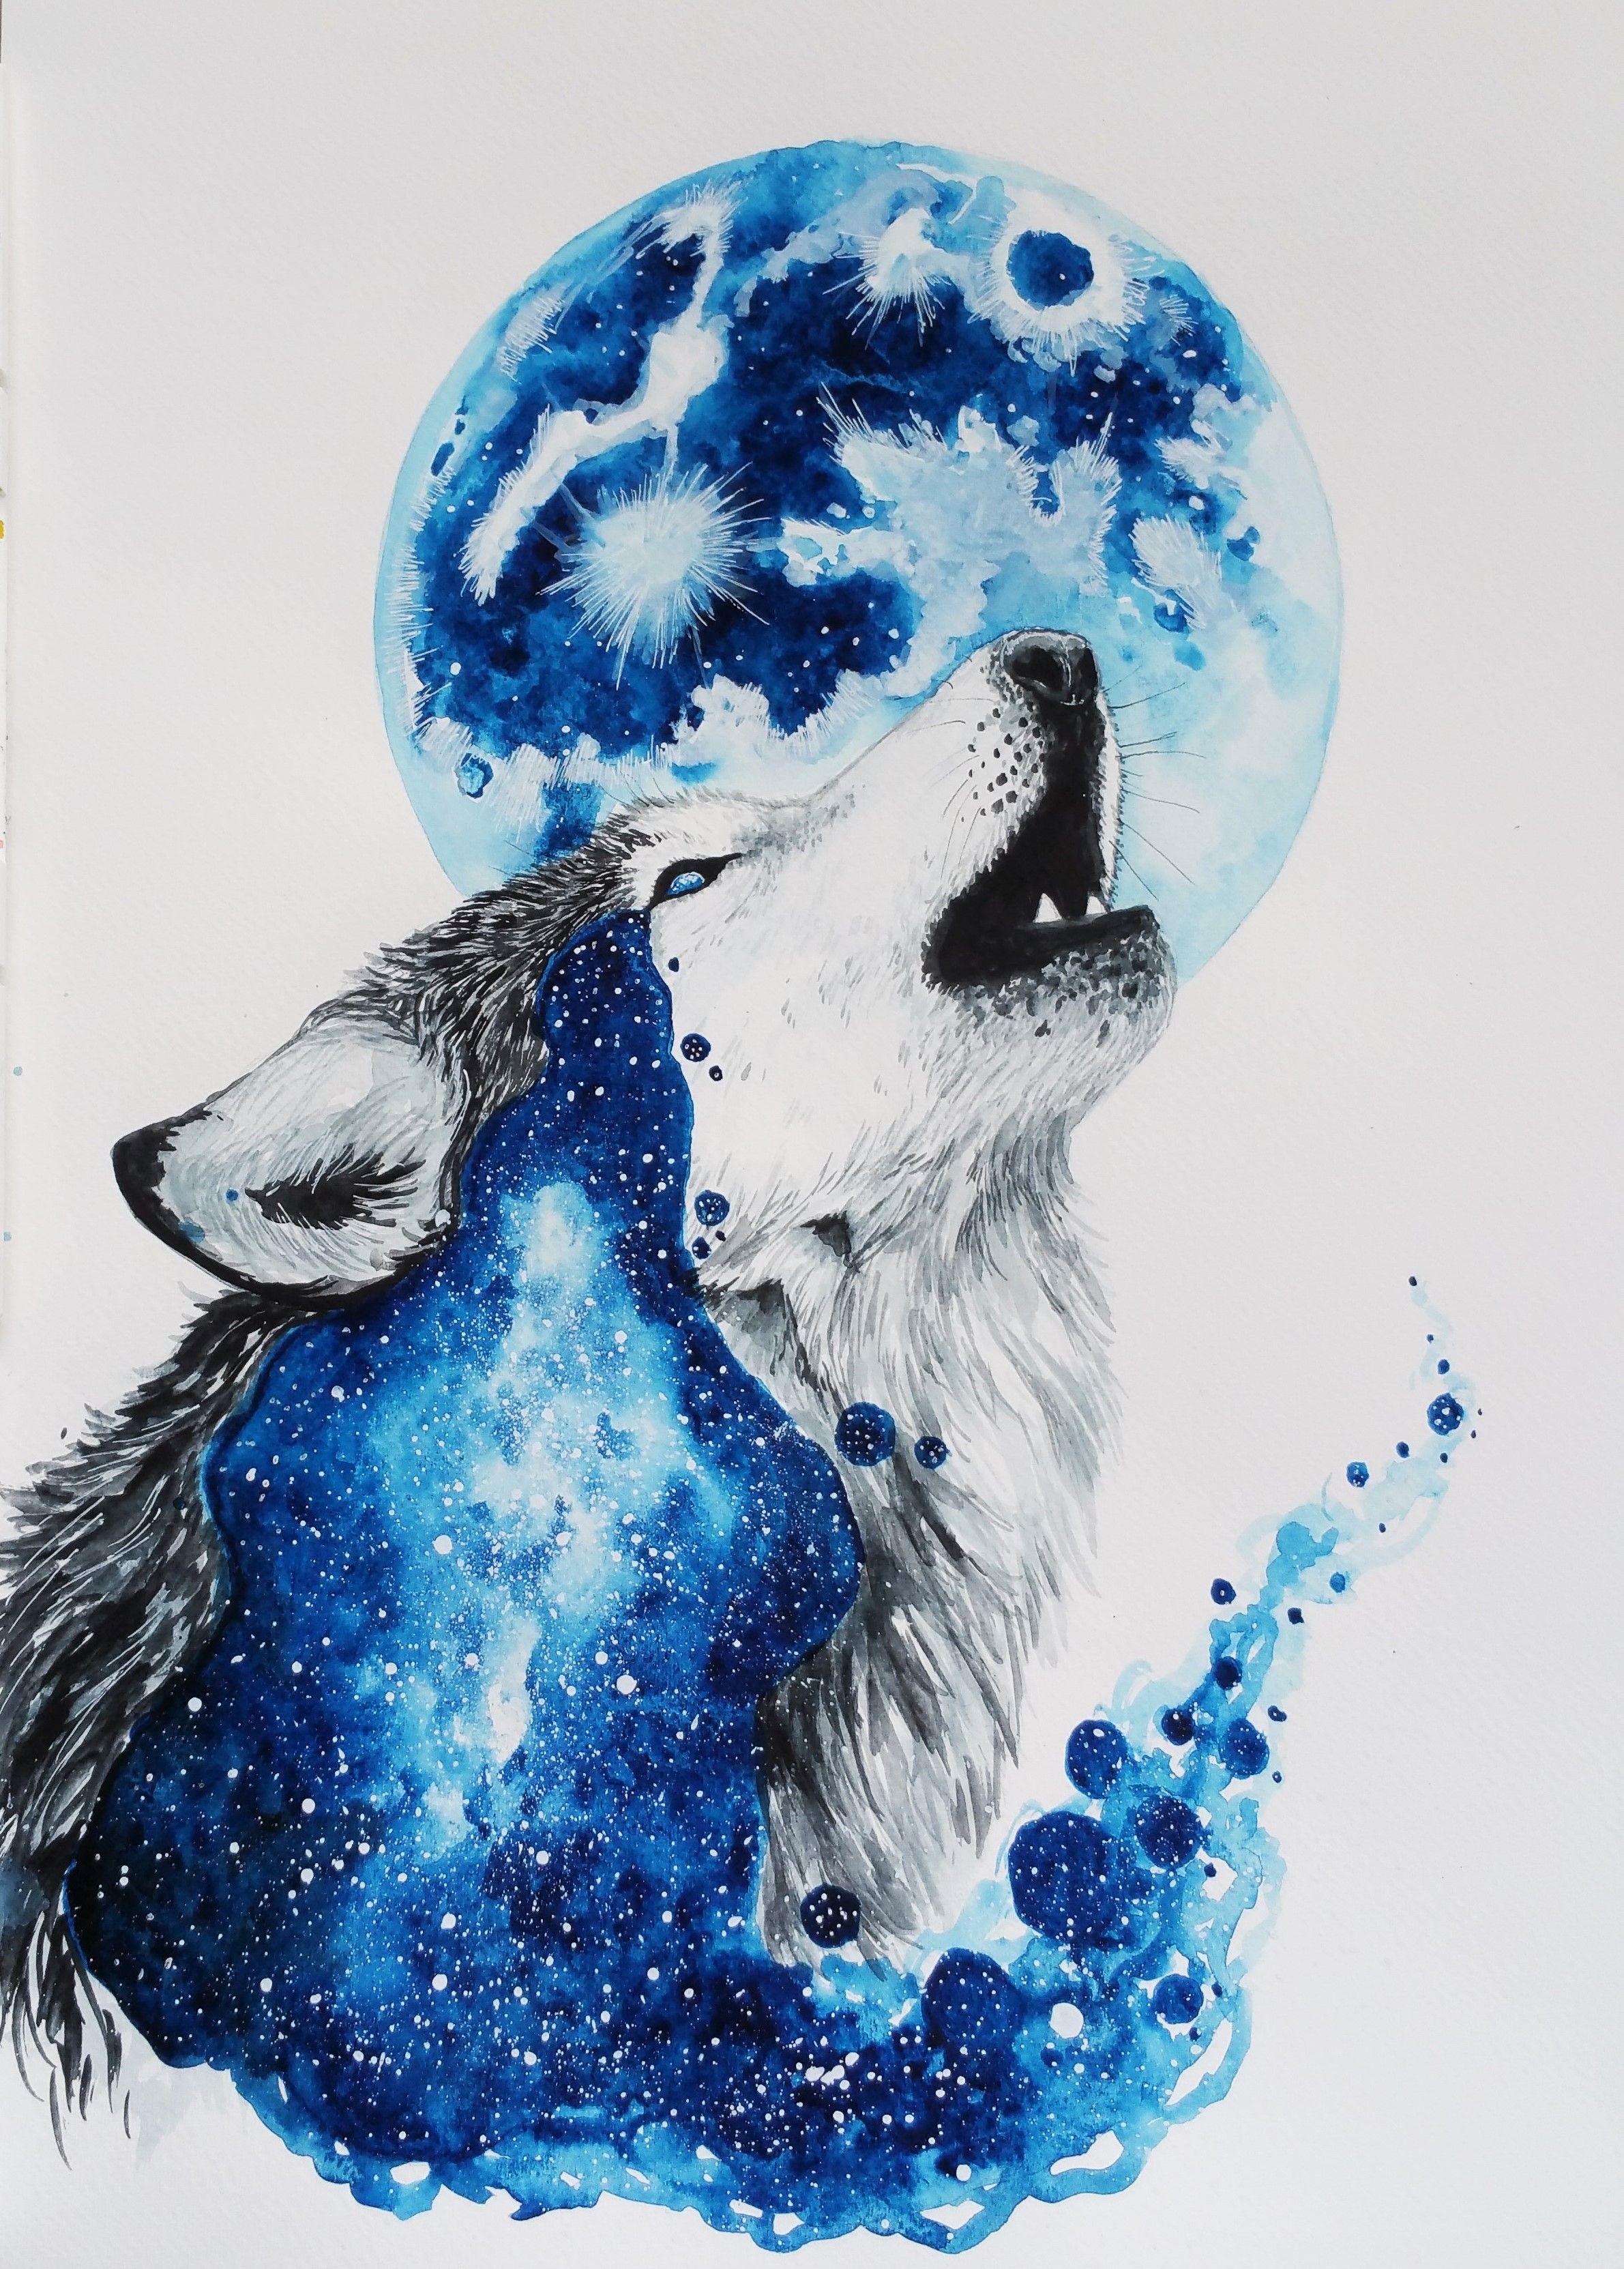 Watercolour Wolf By Jonna Lamminaho